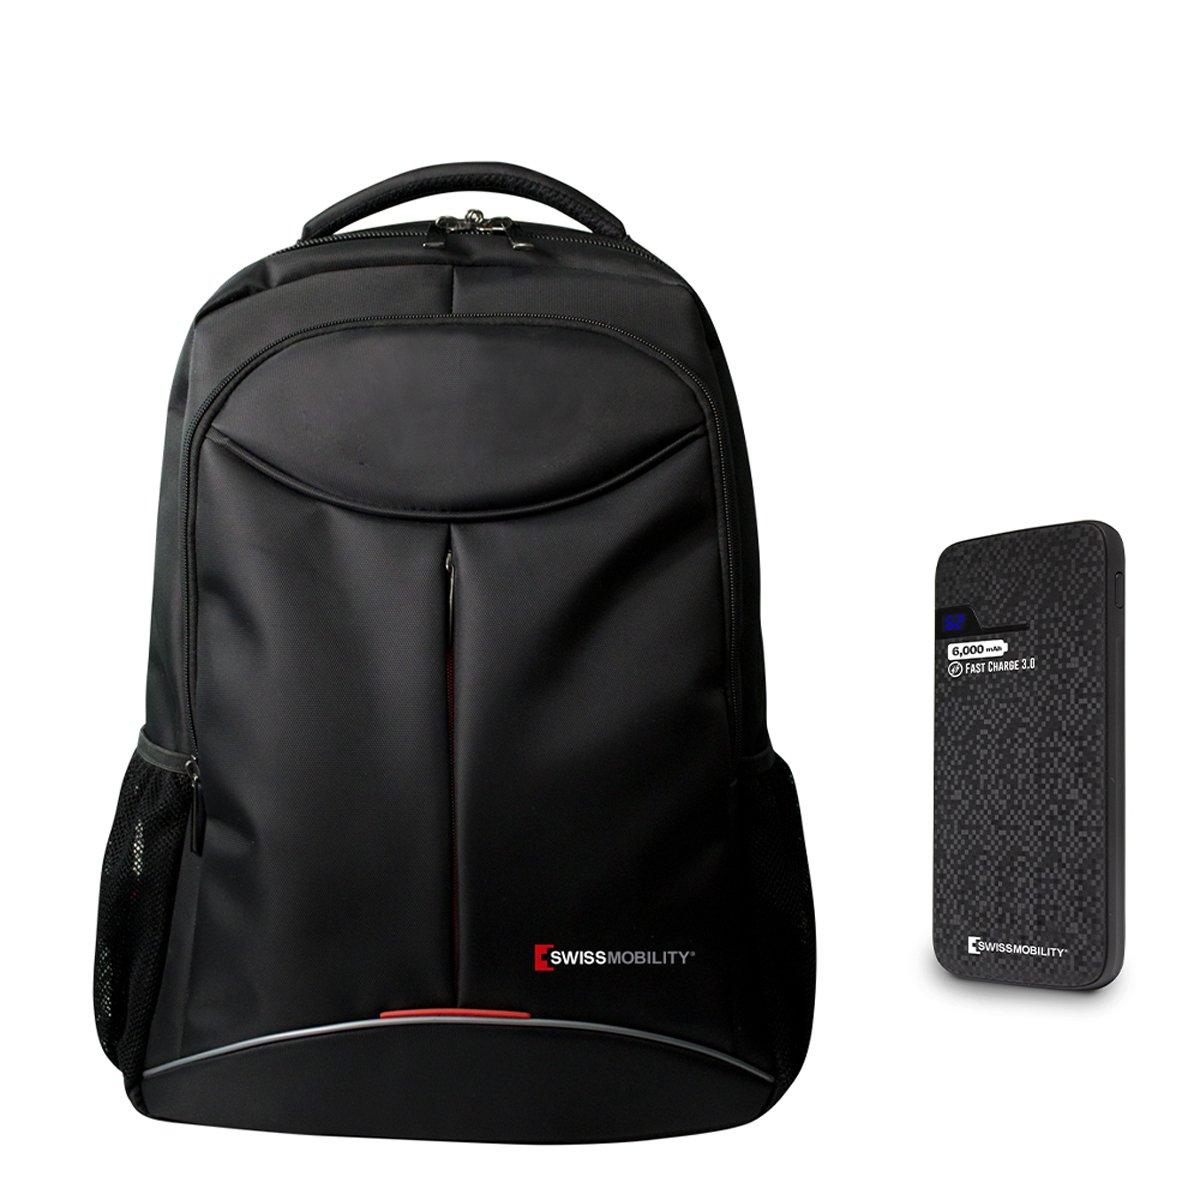 Bundle Mochila Portalaptop Tig-115Bk+ Batería Portátil 6000Mah Swissmobility